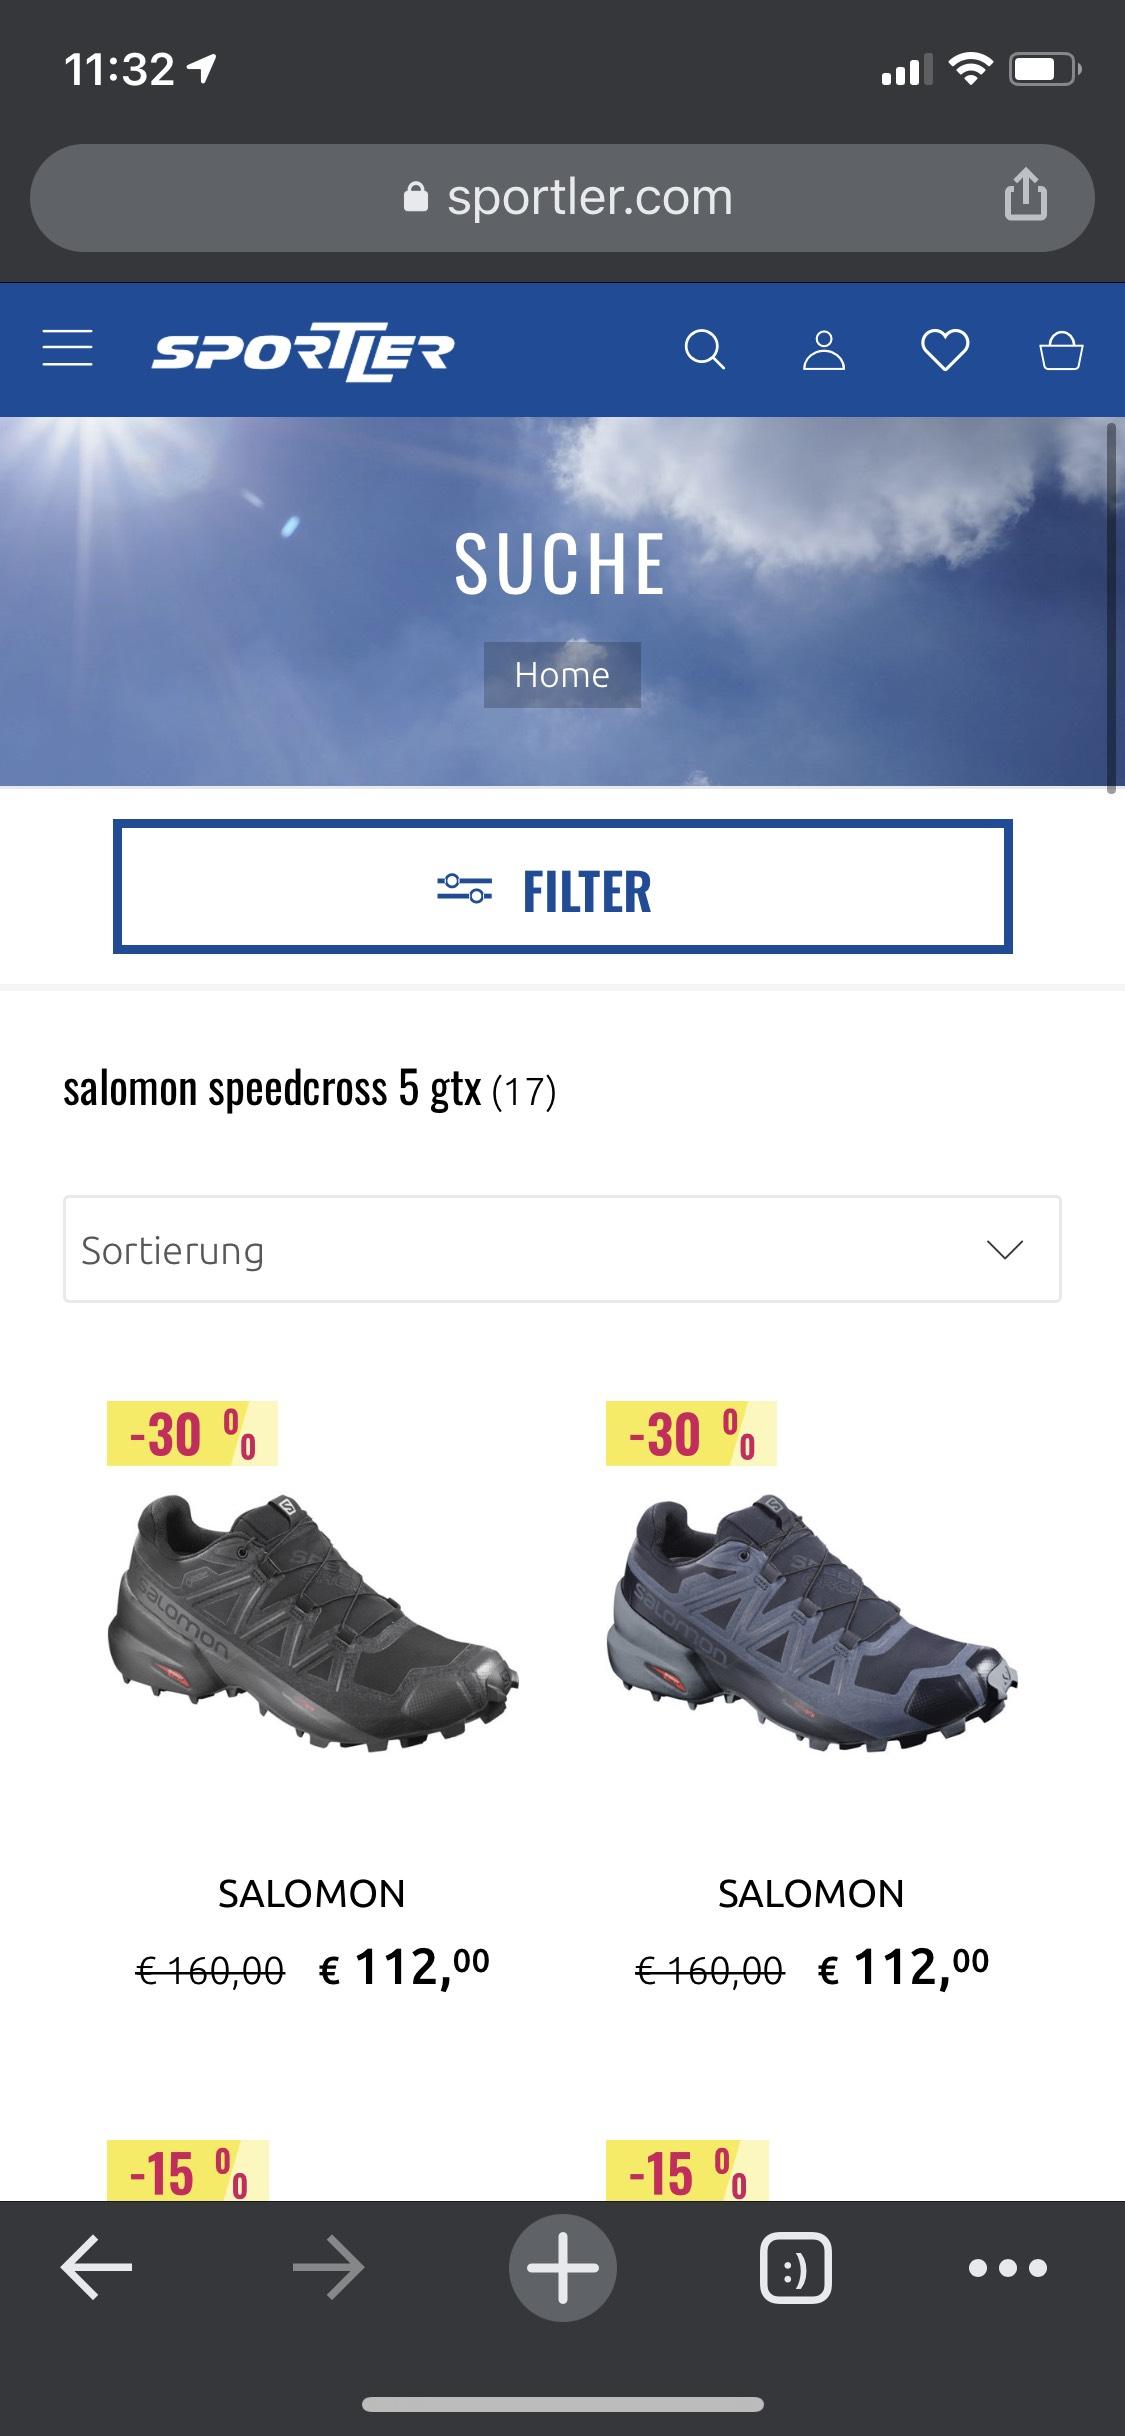 15-30% im sportler.com onlineshop